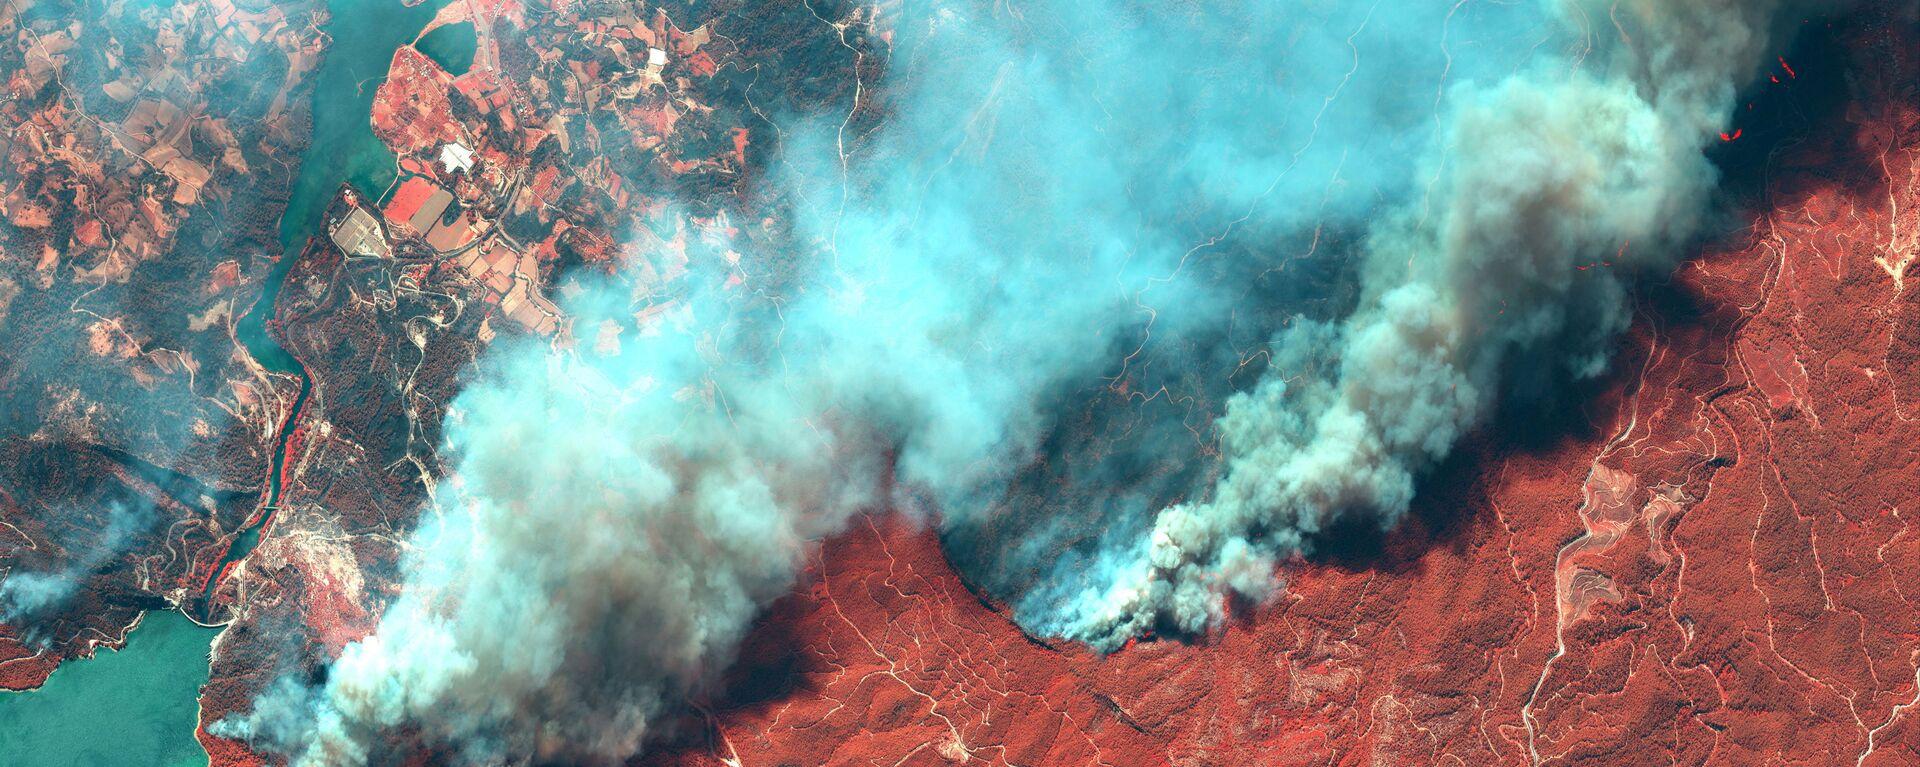 Снимок со спутника природных пожаров в Турции  - Sputnik Mundo, 1920, 02.08.2021